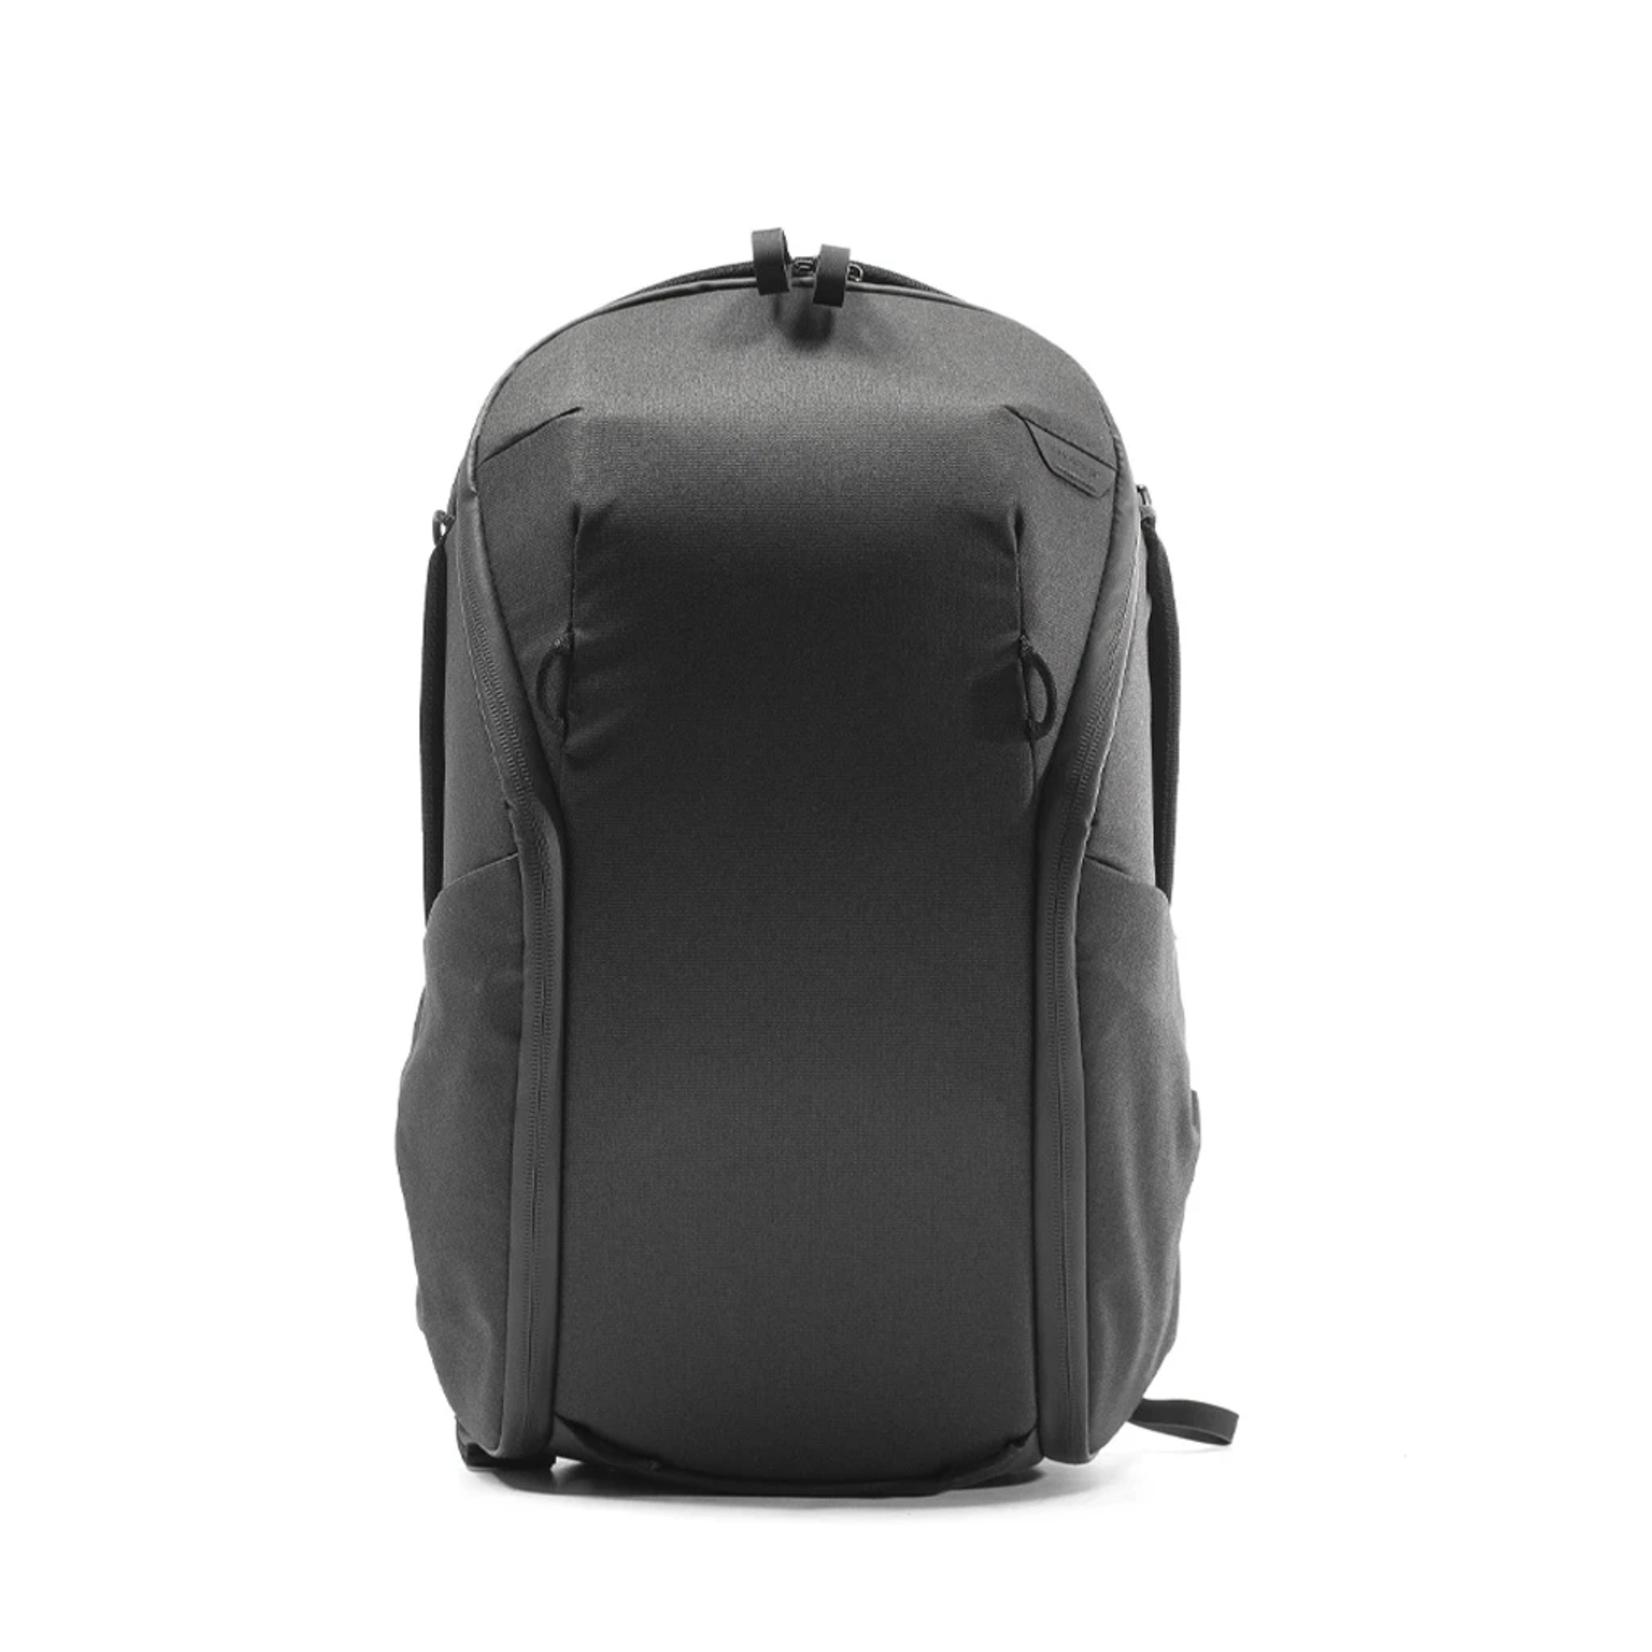 Peak Design Everyday Backpack 15L Zip - Black